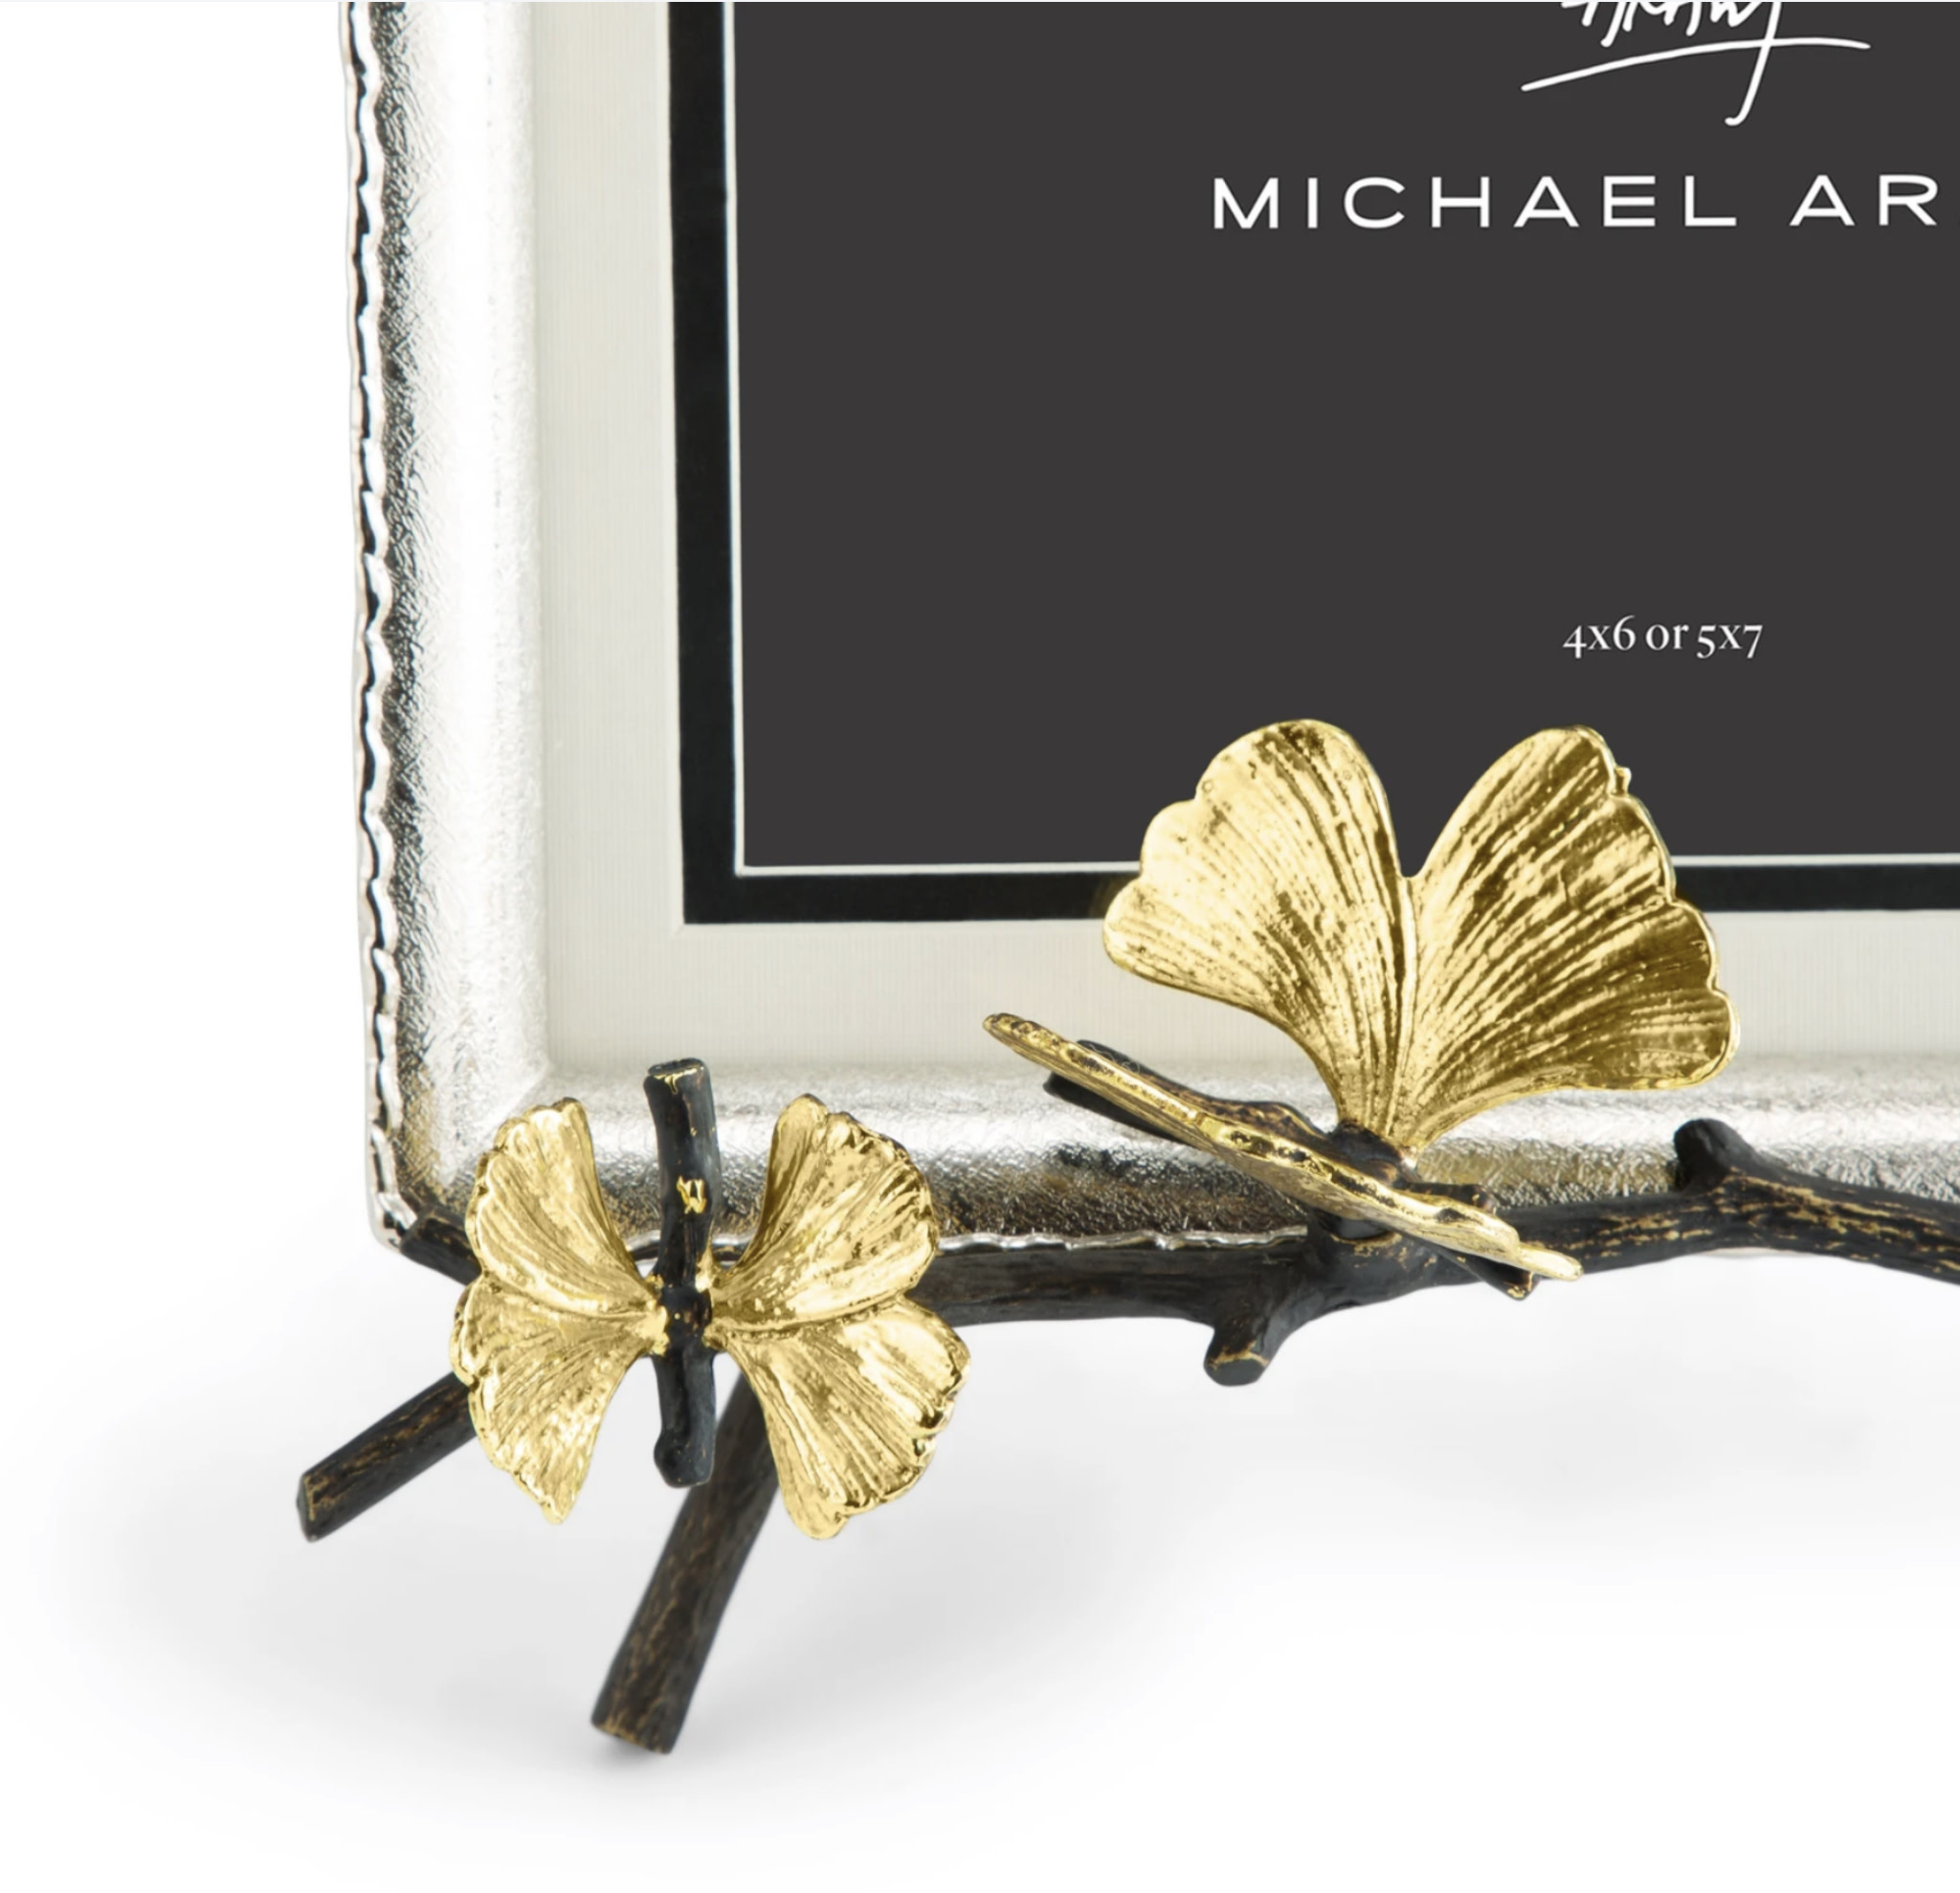 Michael Aram Butterfly Ginkgo Easel Frame